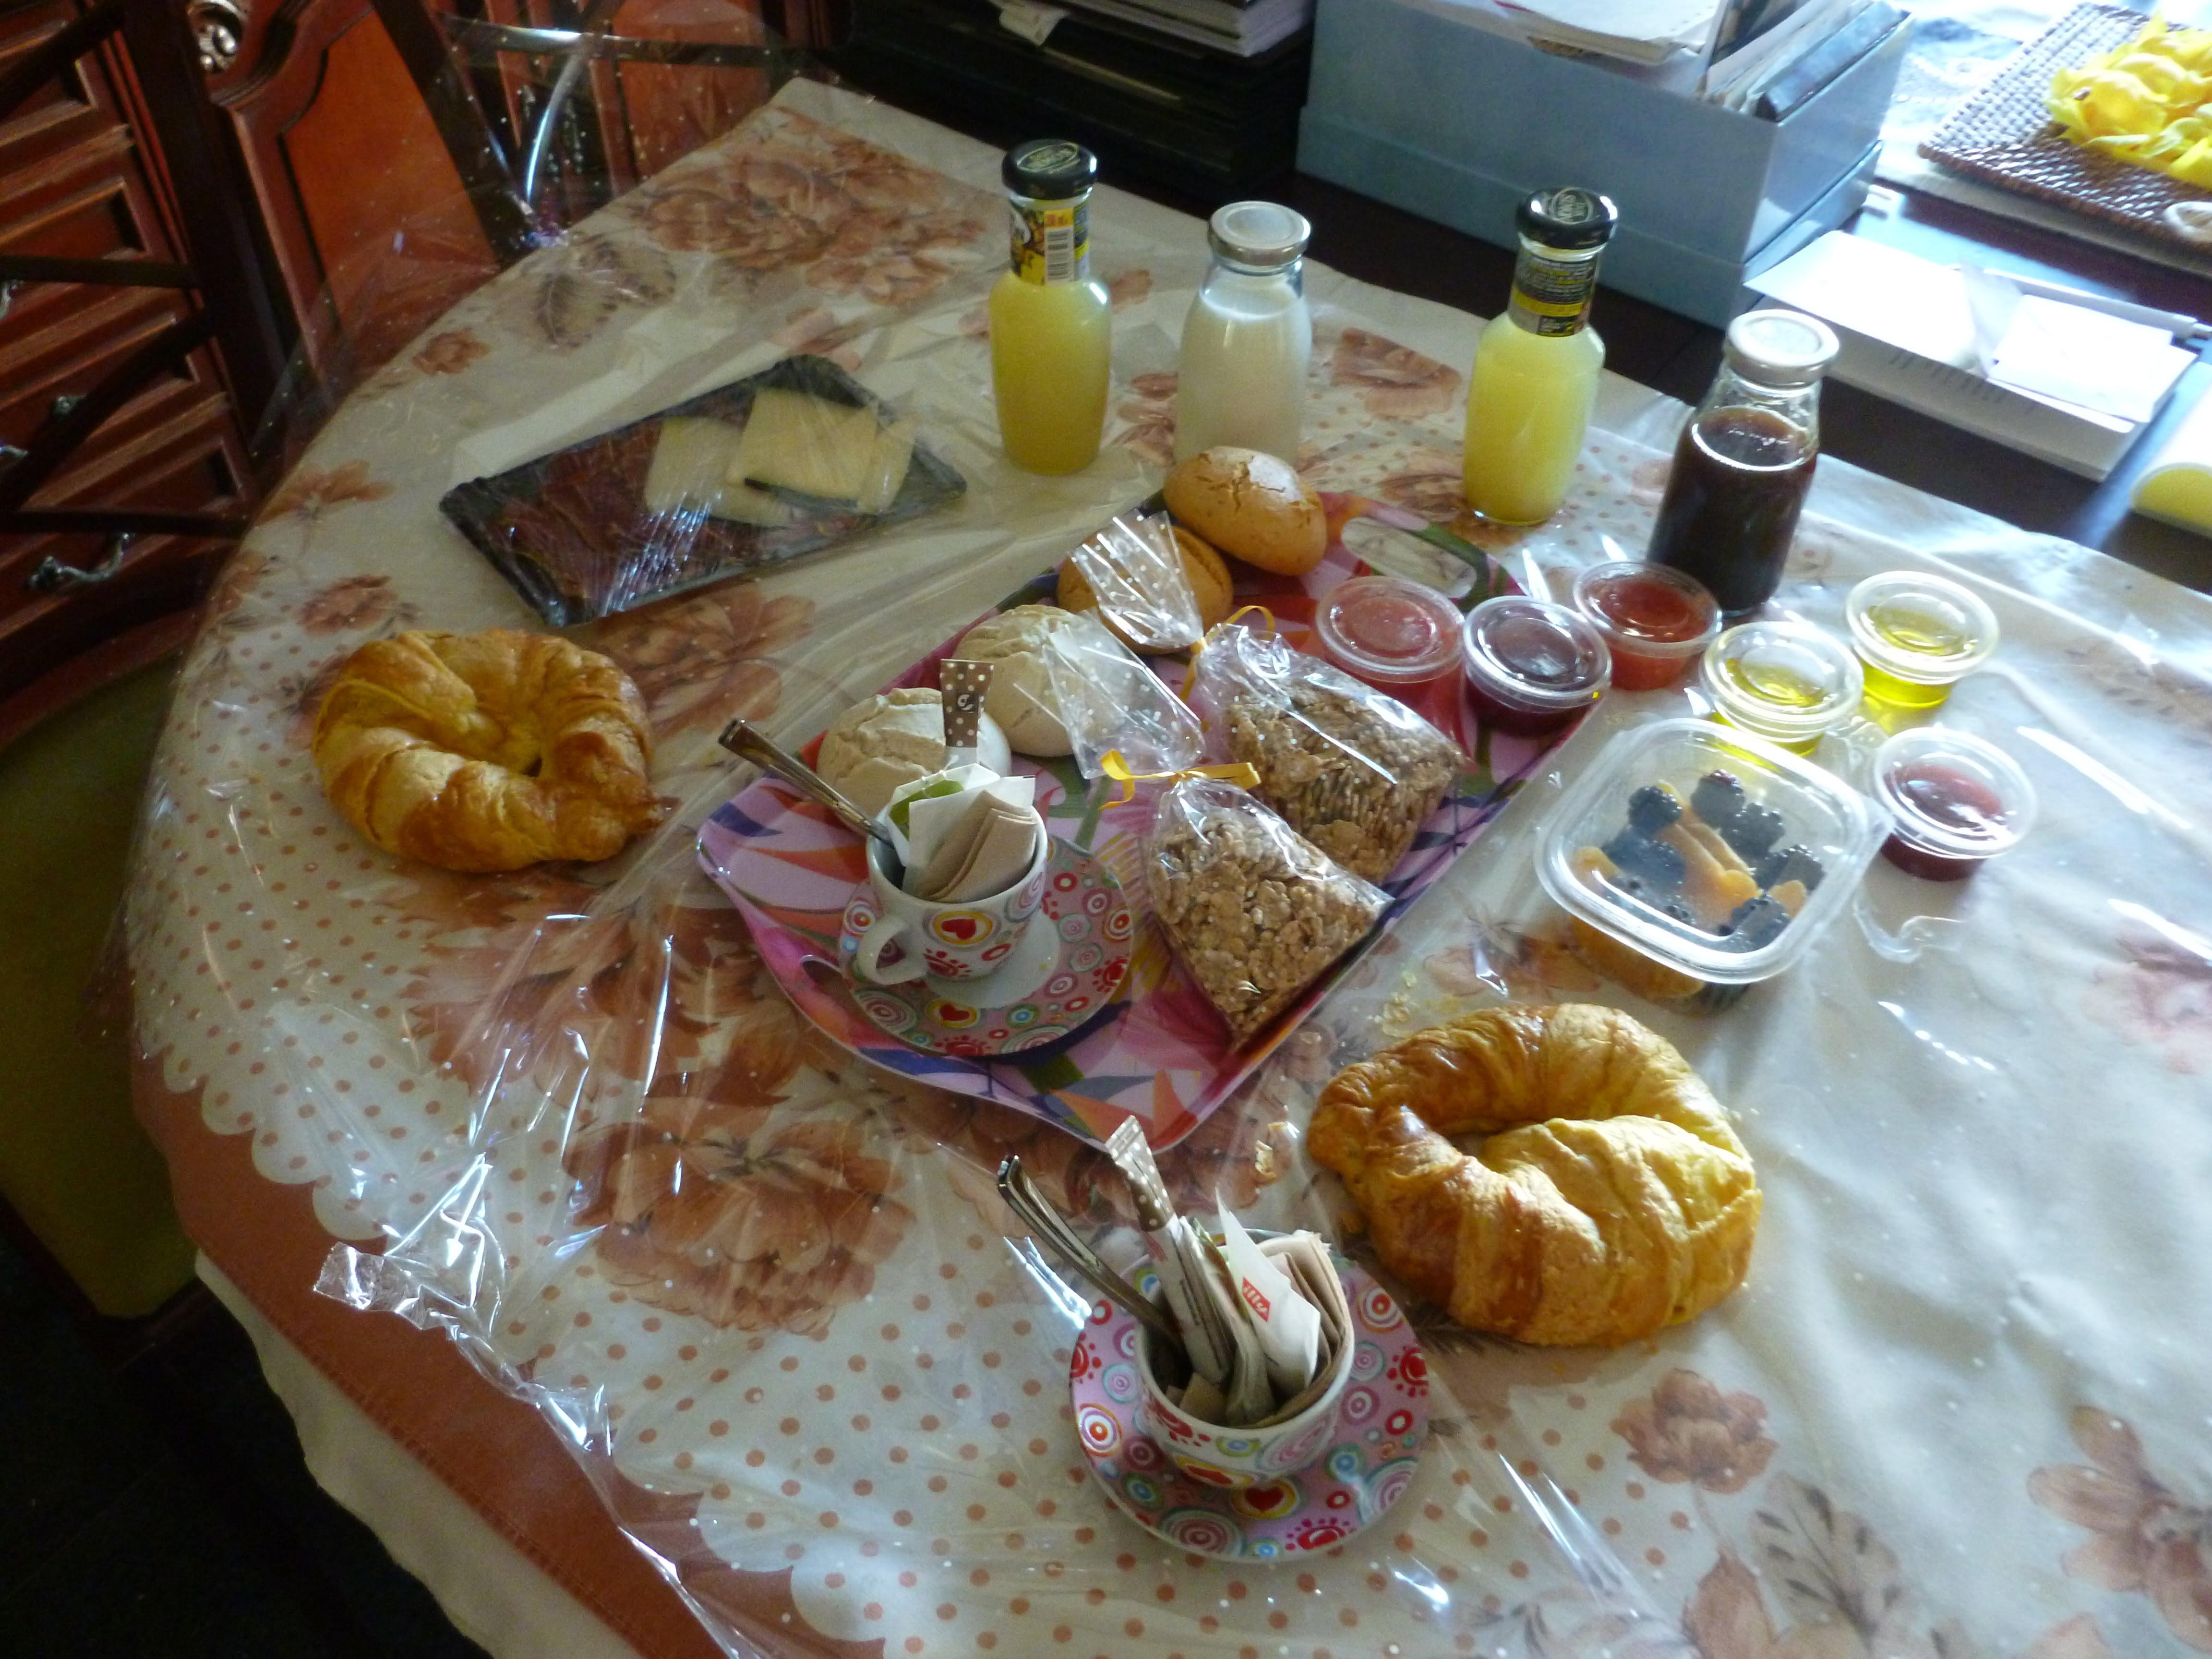 Desayuno sorpresa durante el confinamiento